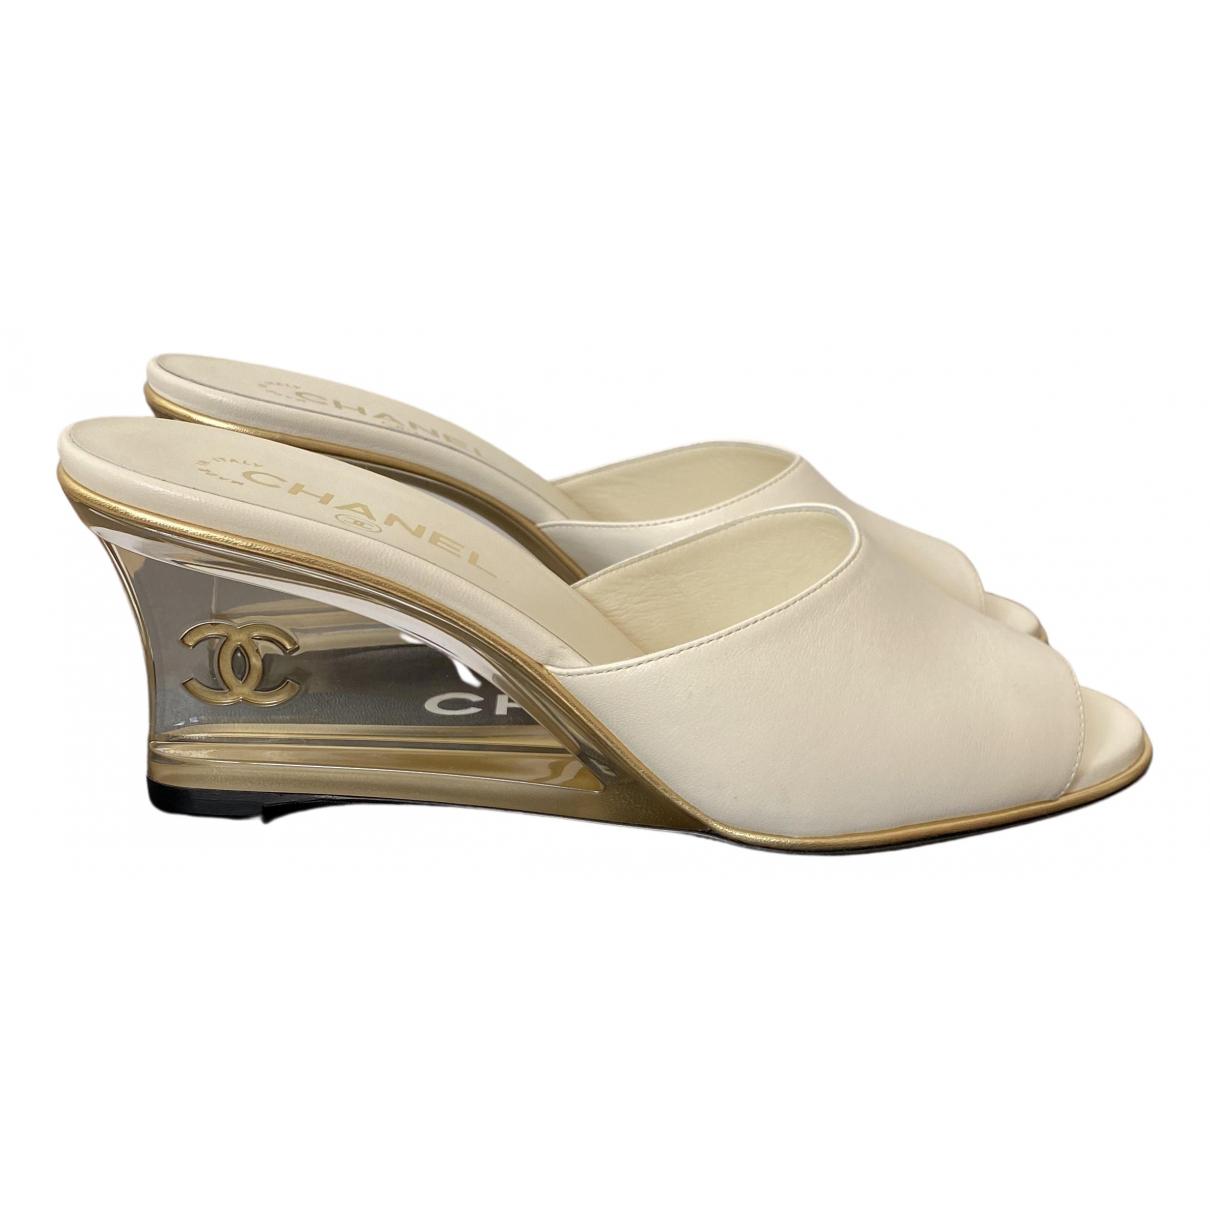 Chanel - Sandales   pour femme en cuir - blanc